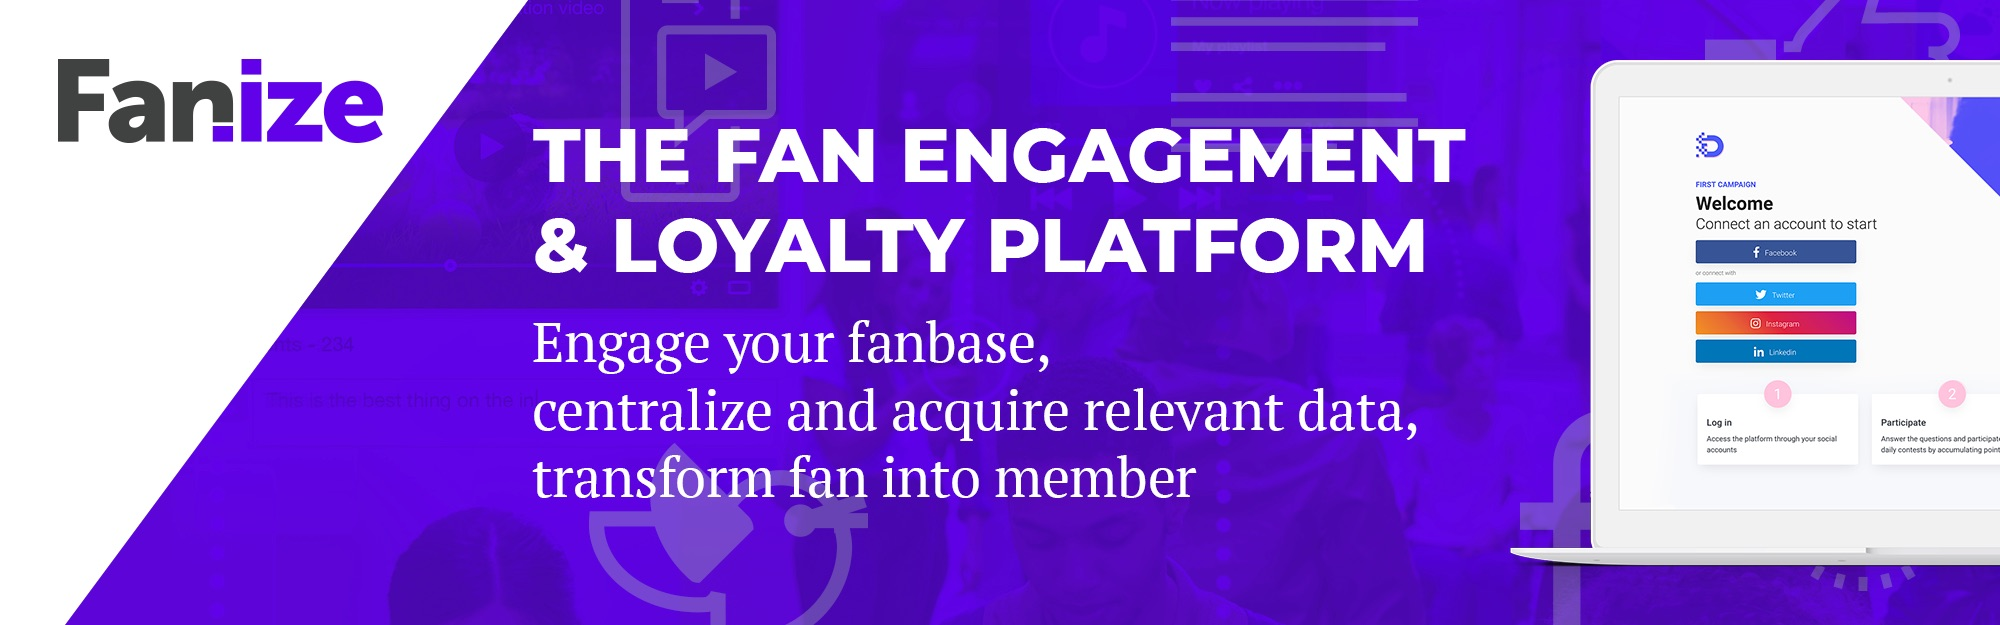 IQUII lancia Fanize, piattaforma di relationship e loyalty management per valorizzare il rapporto con la fan base e trasformare il fan in member